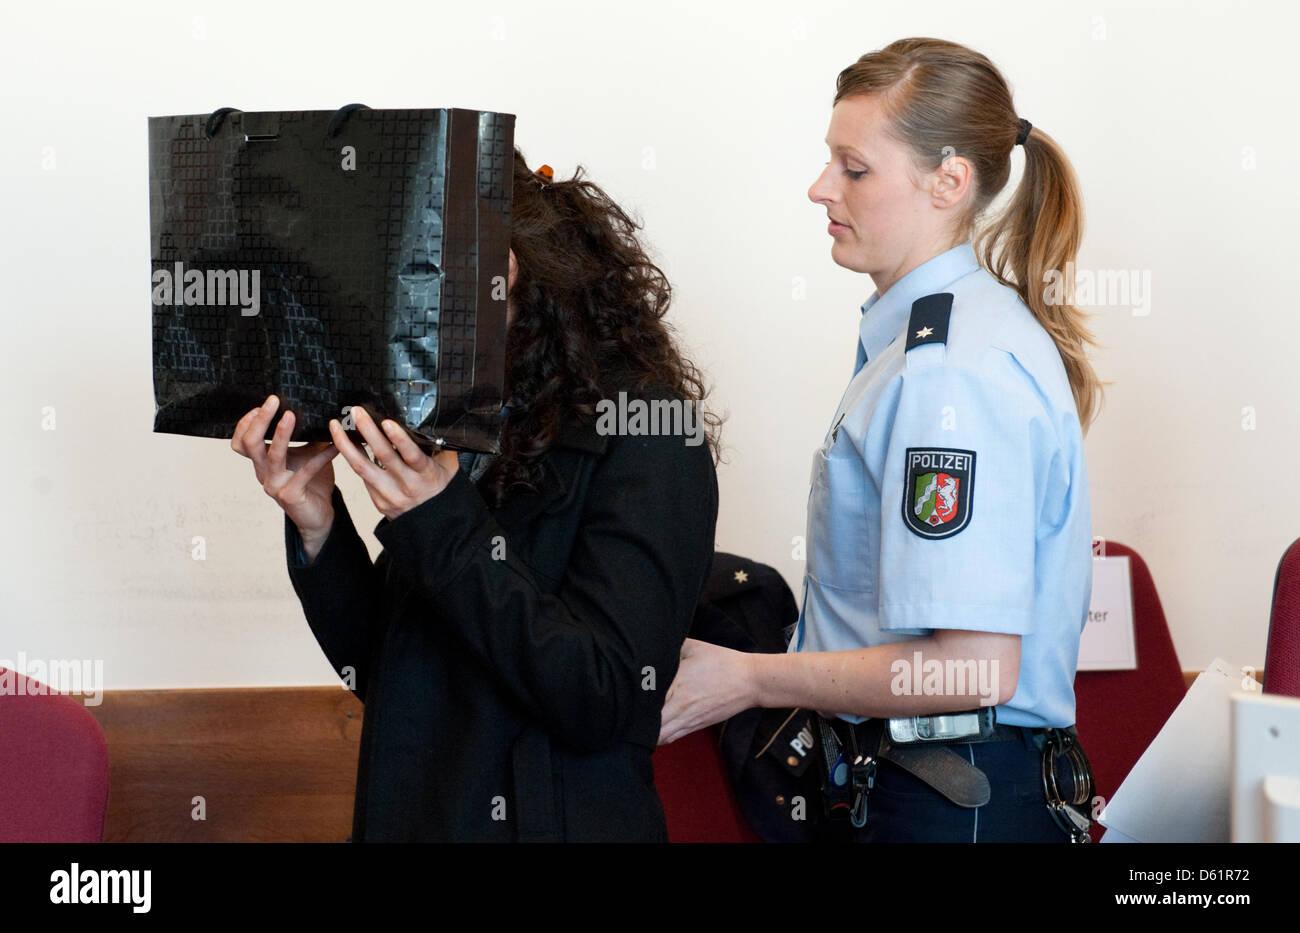 Le défendeur se cache derrière un sac avant le procès à la Cour régionale de Düsseldorf, Allemagne, 30 avril 2012. Banque D'Images